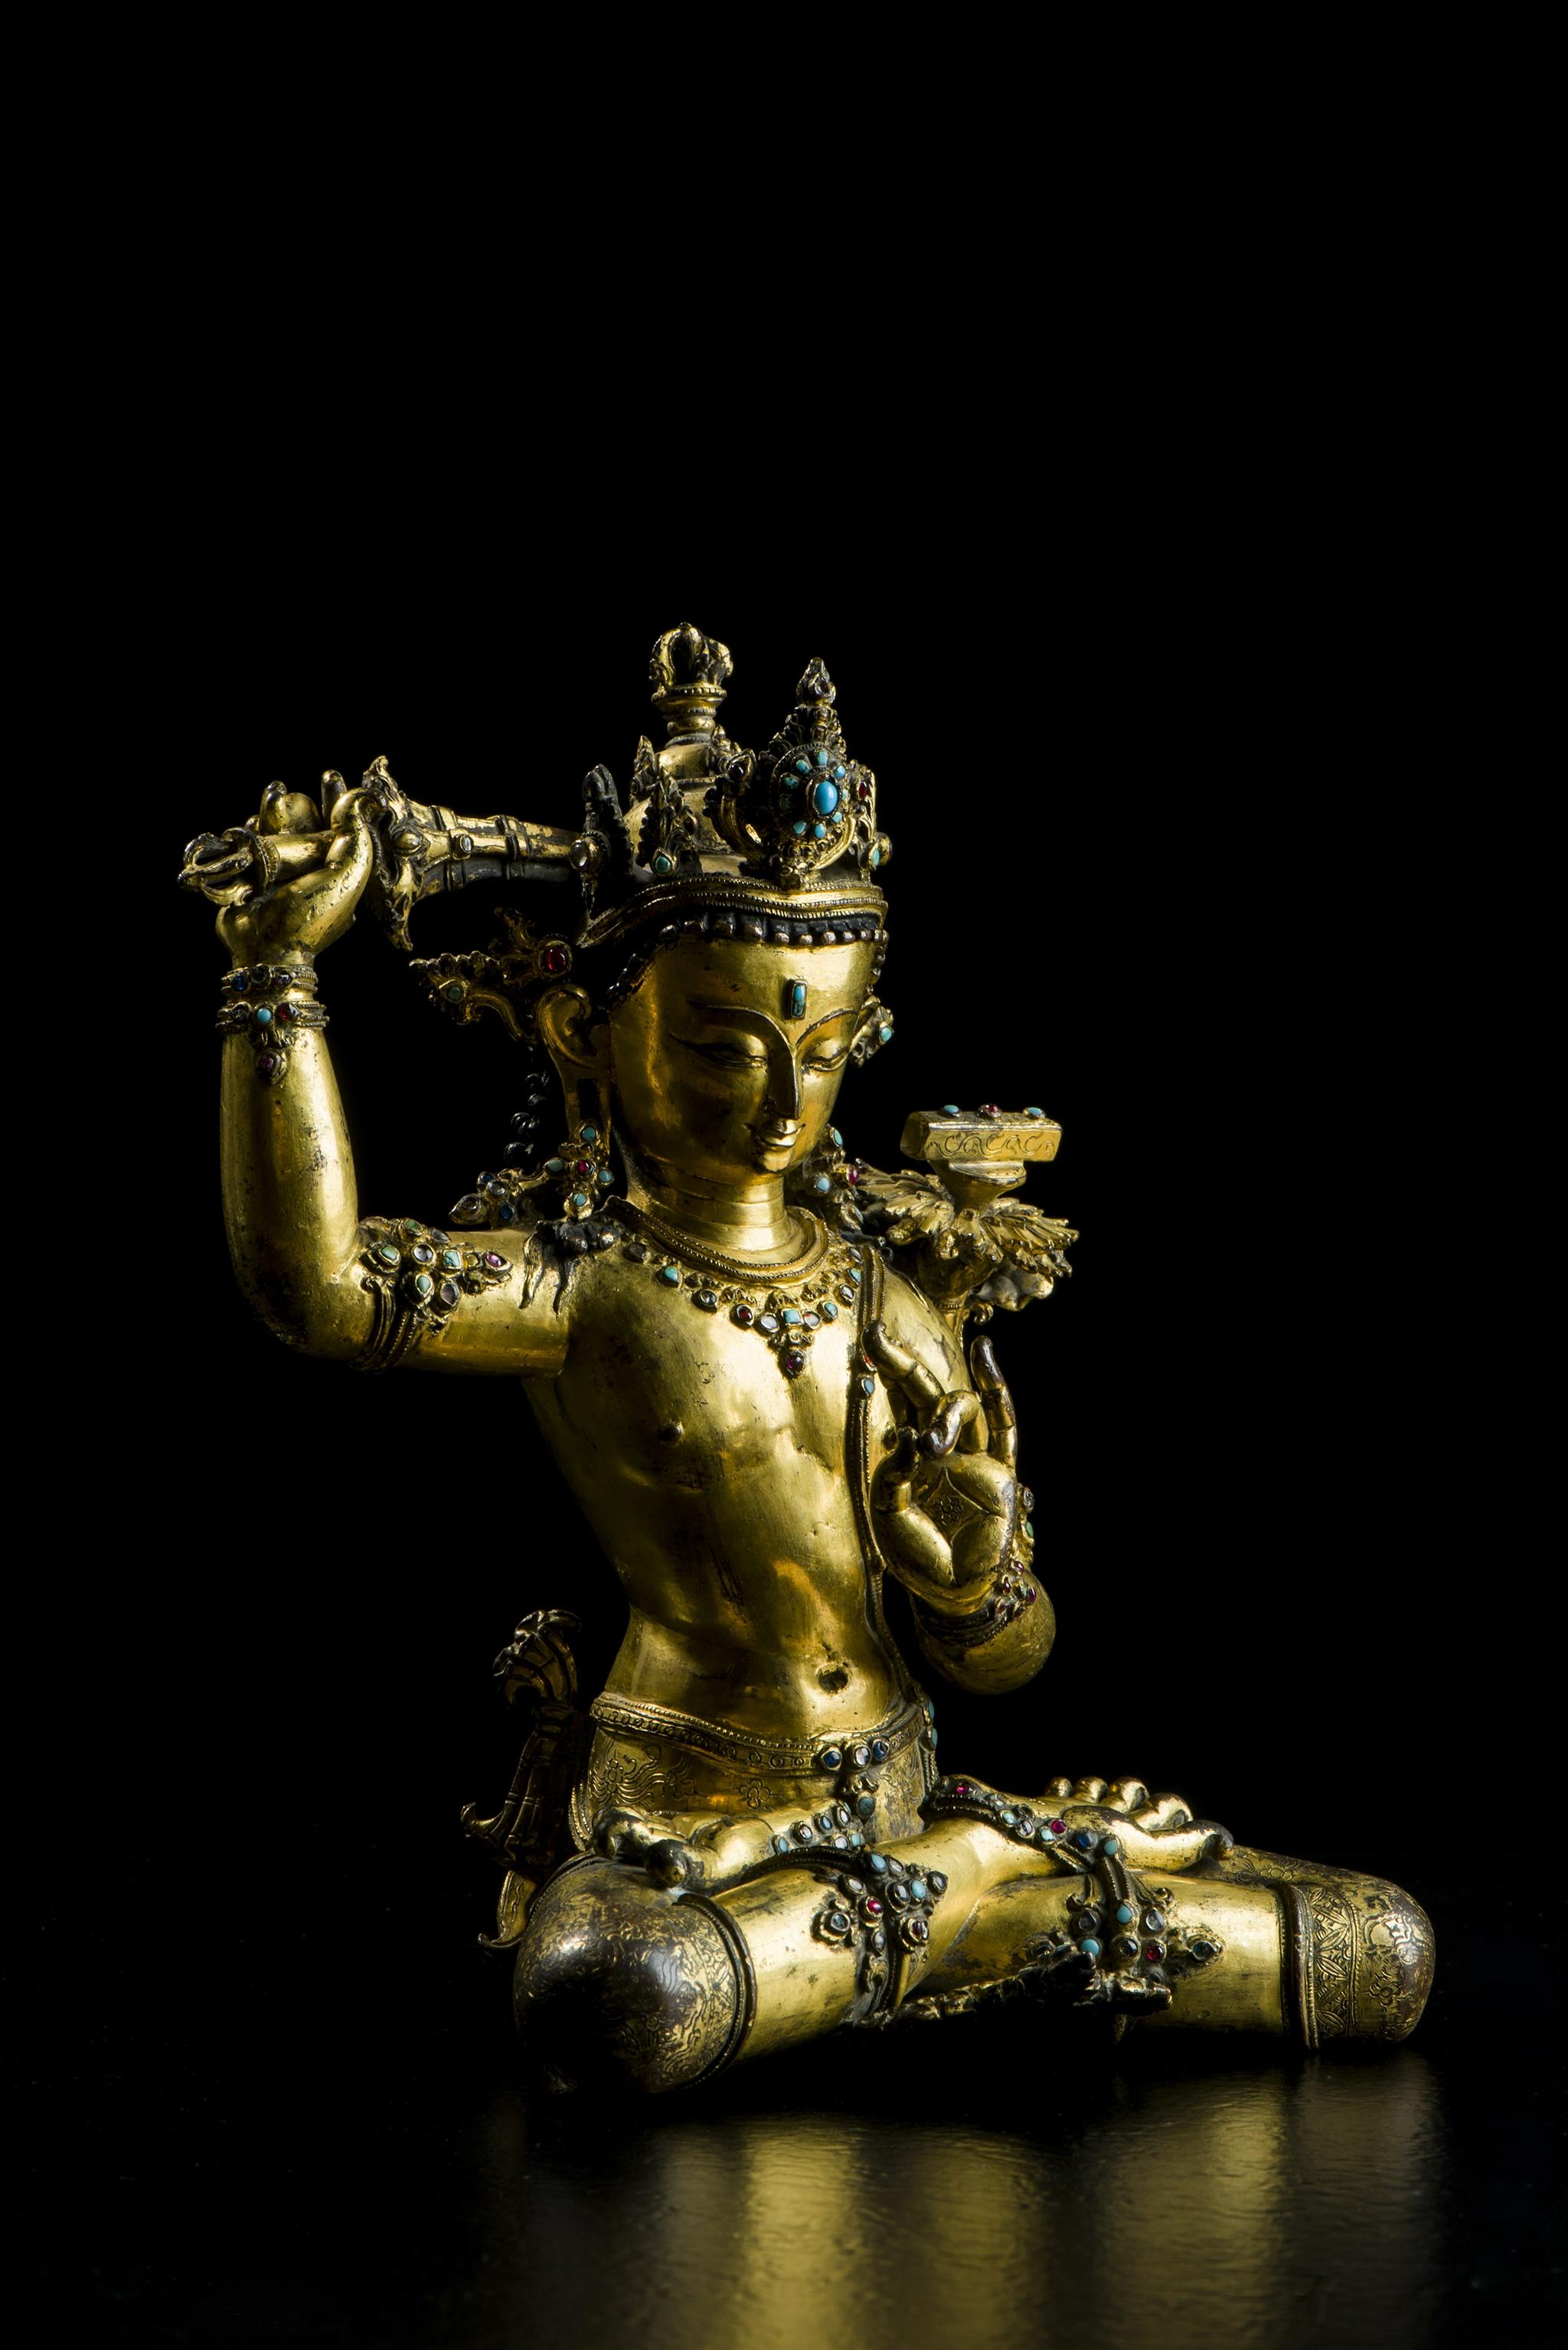 尼泊爾銅鎏金嵌寶石文殊菩薩像  隨喜古藝術